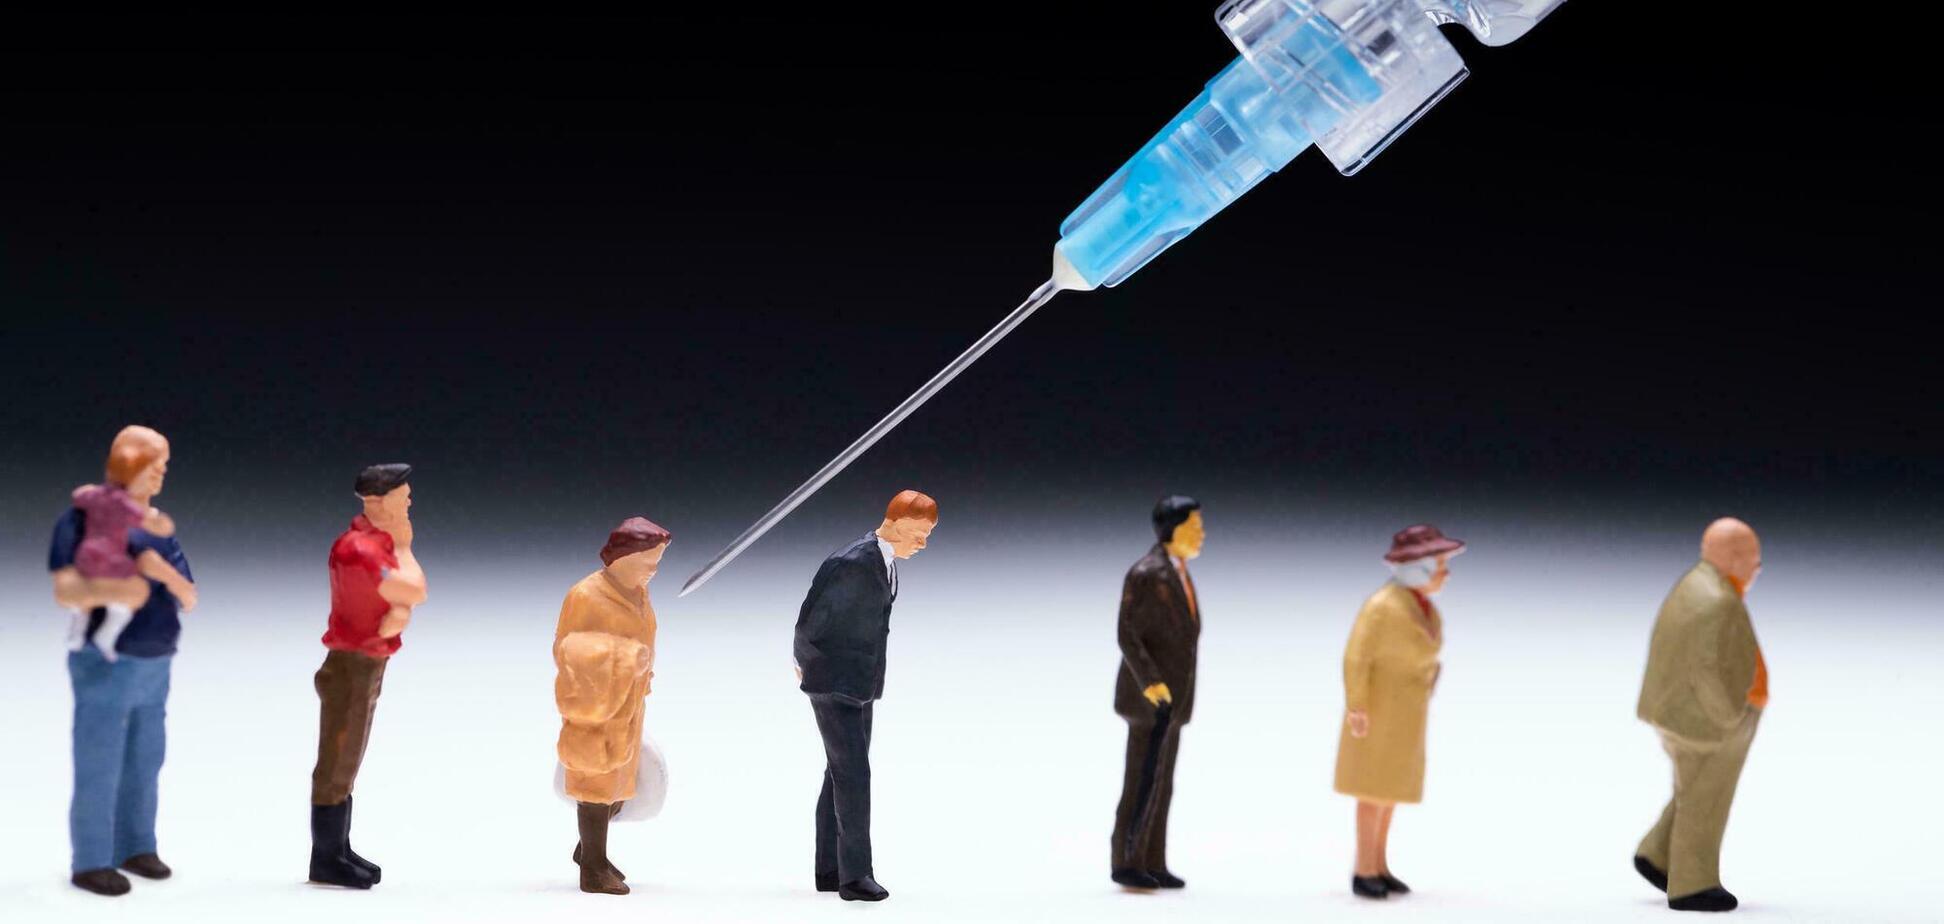 Природний імунітет або вакцинація – що краще захищає від COVID-19